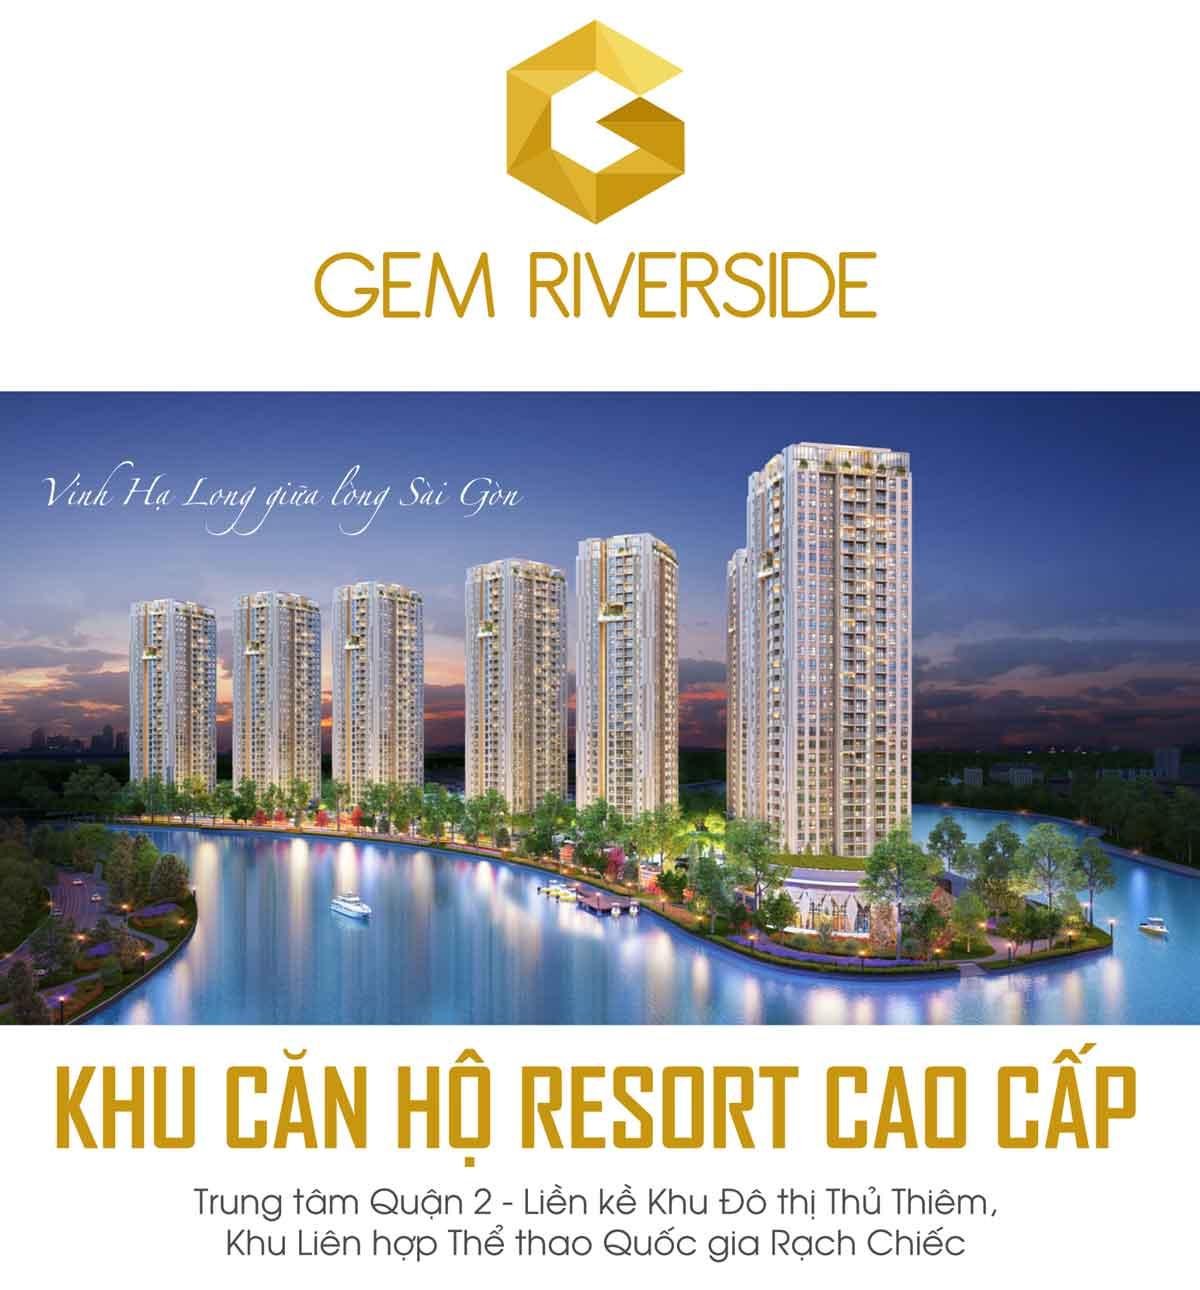 Khám Phá Phân Tích Của Khu Dự Án Hạng Sang Gem Riverside TT Quận 2